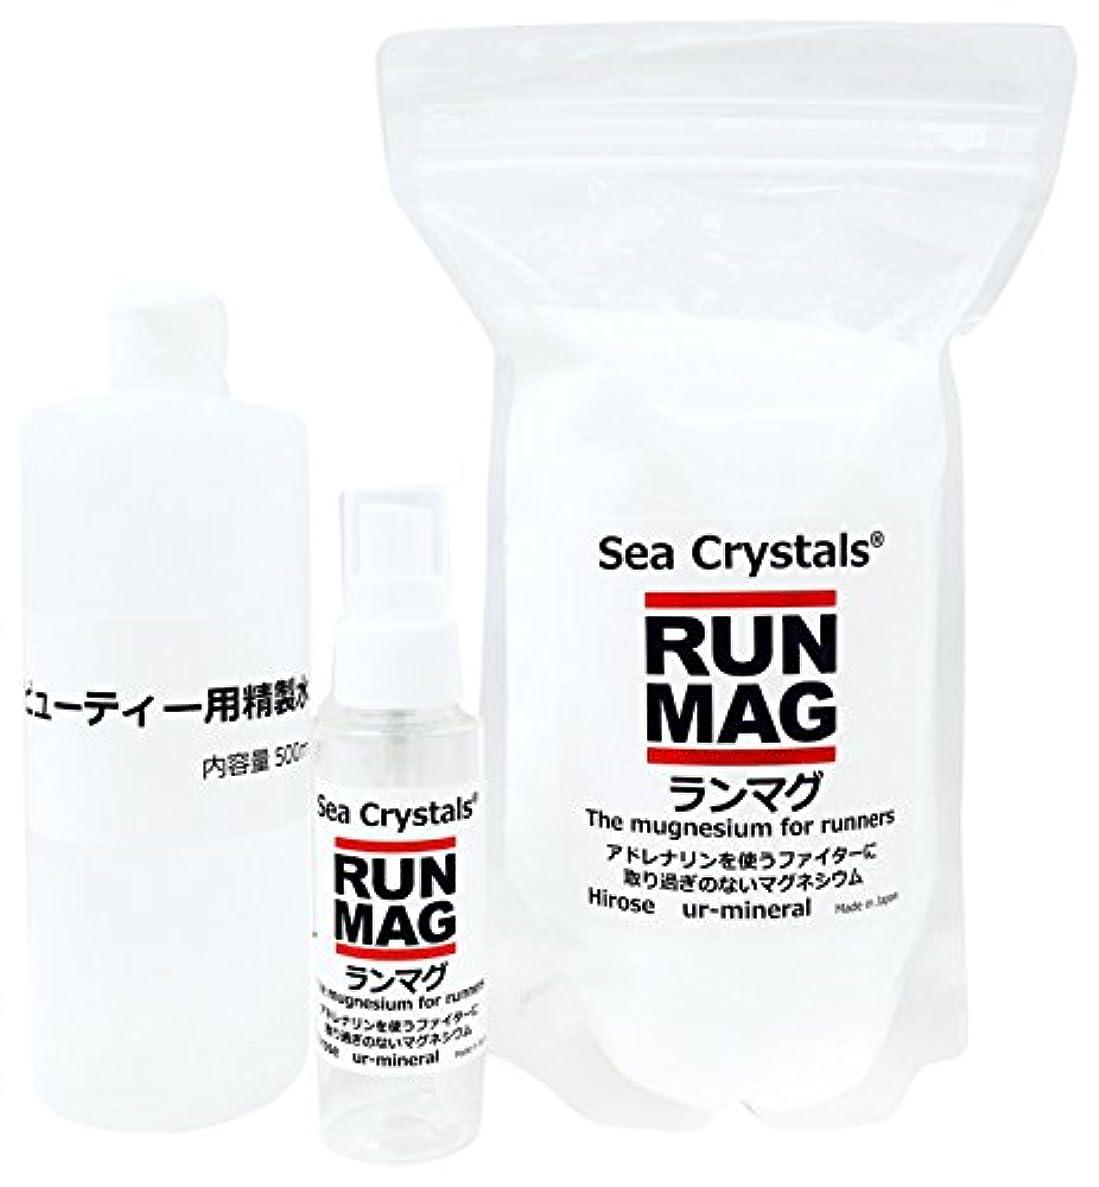 あなたのものすべき同性愛者ランマグ?マグネシウムオイル 500g 化粧品登録 日本製 1日マグネシウム360mg使用  精製水付き